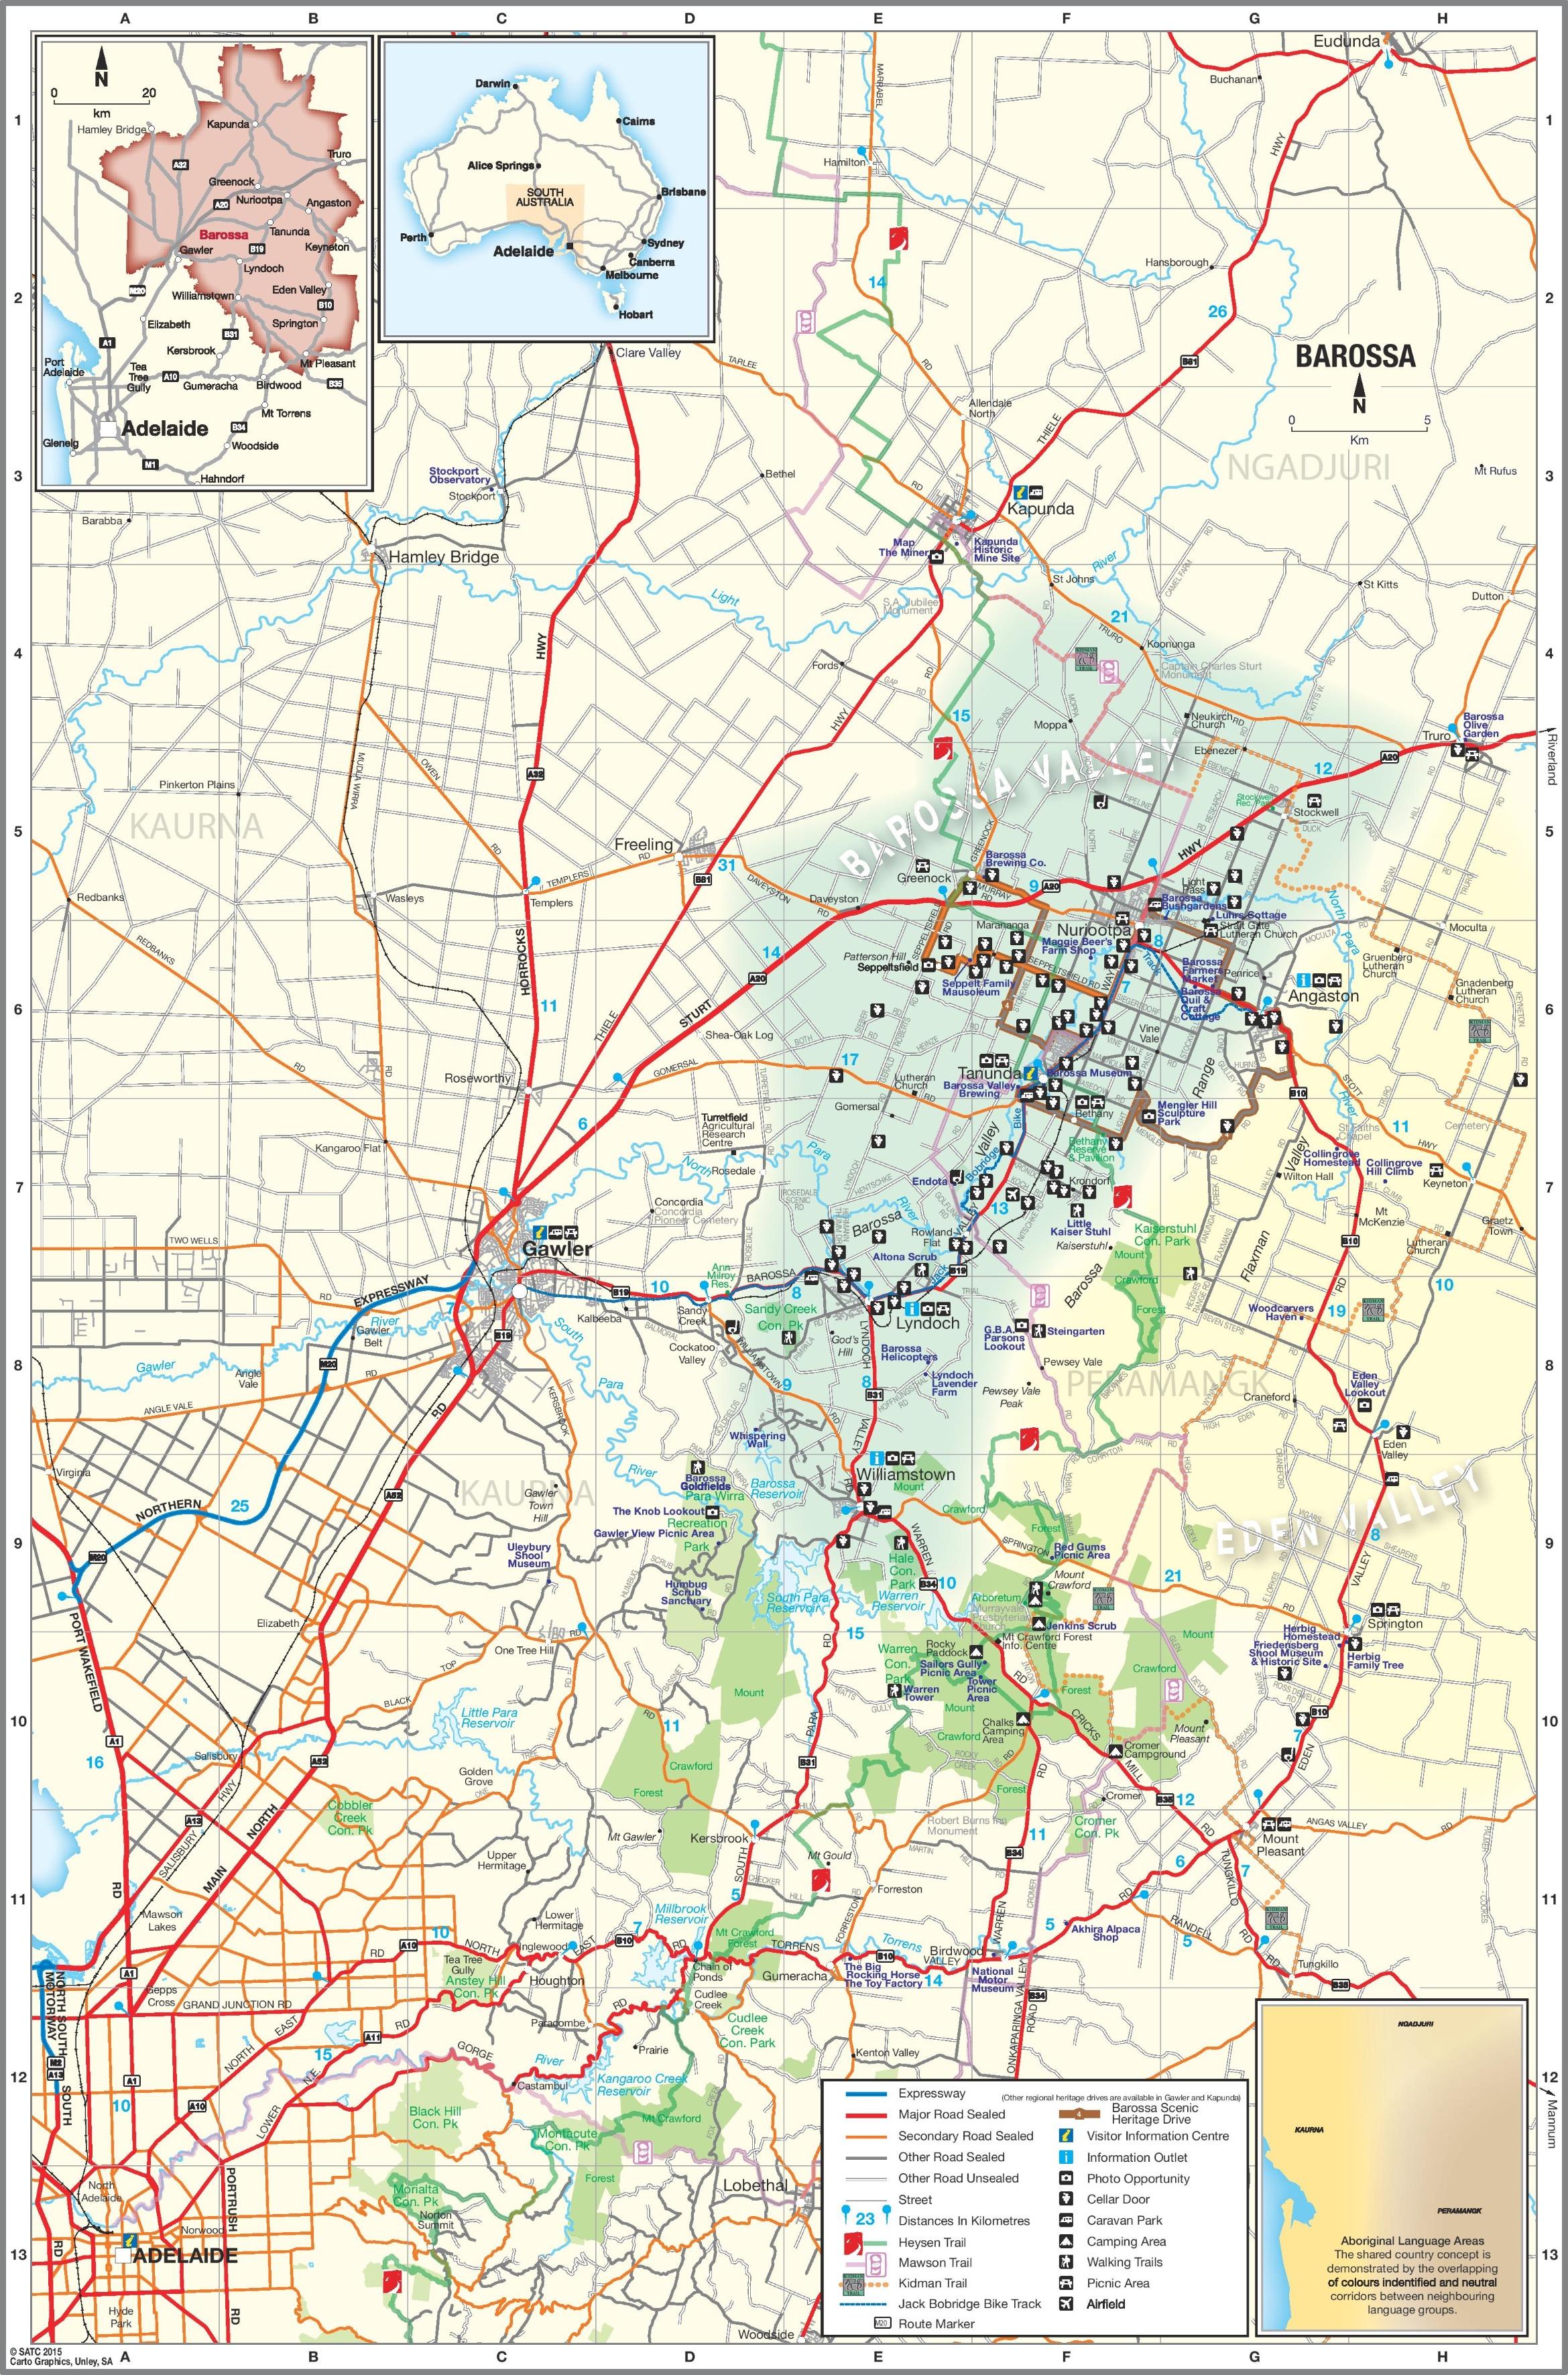 Barossa Valley Map Barossa Valley map Barossa Valley Map